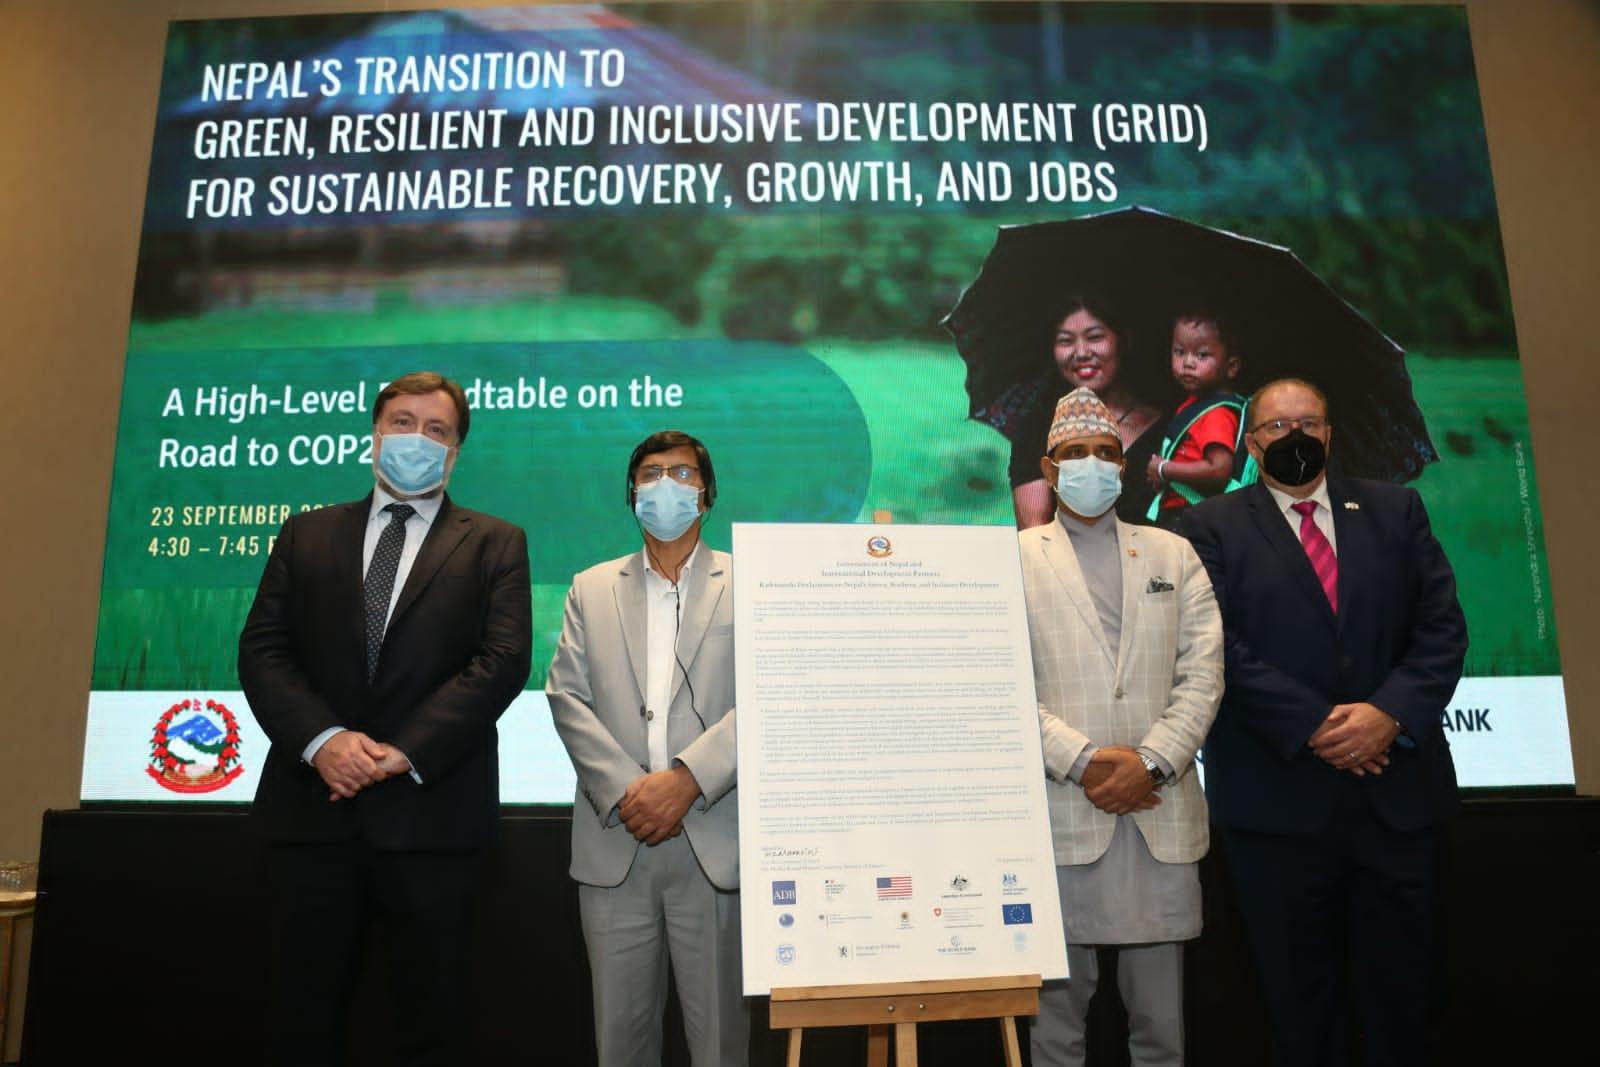 नेपाललाई विश्व बैंकको ८७ अर्ब सहयोग घोषणा